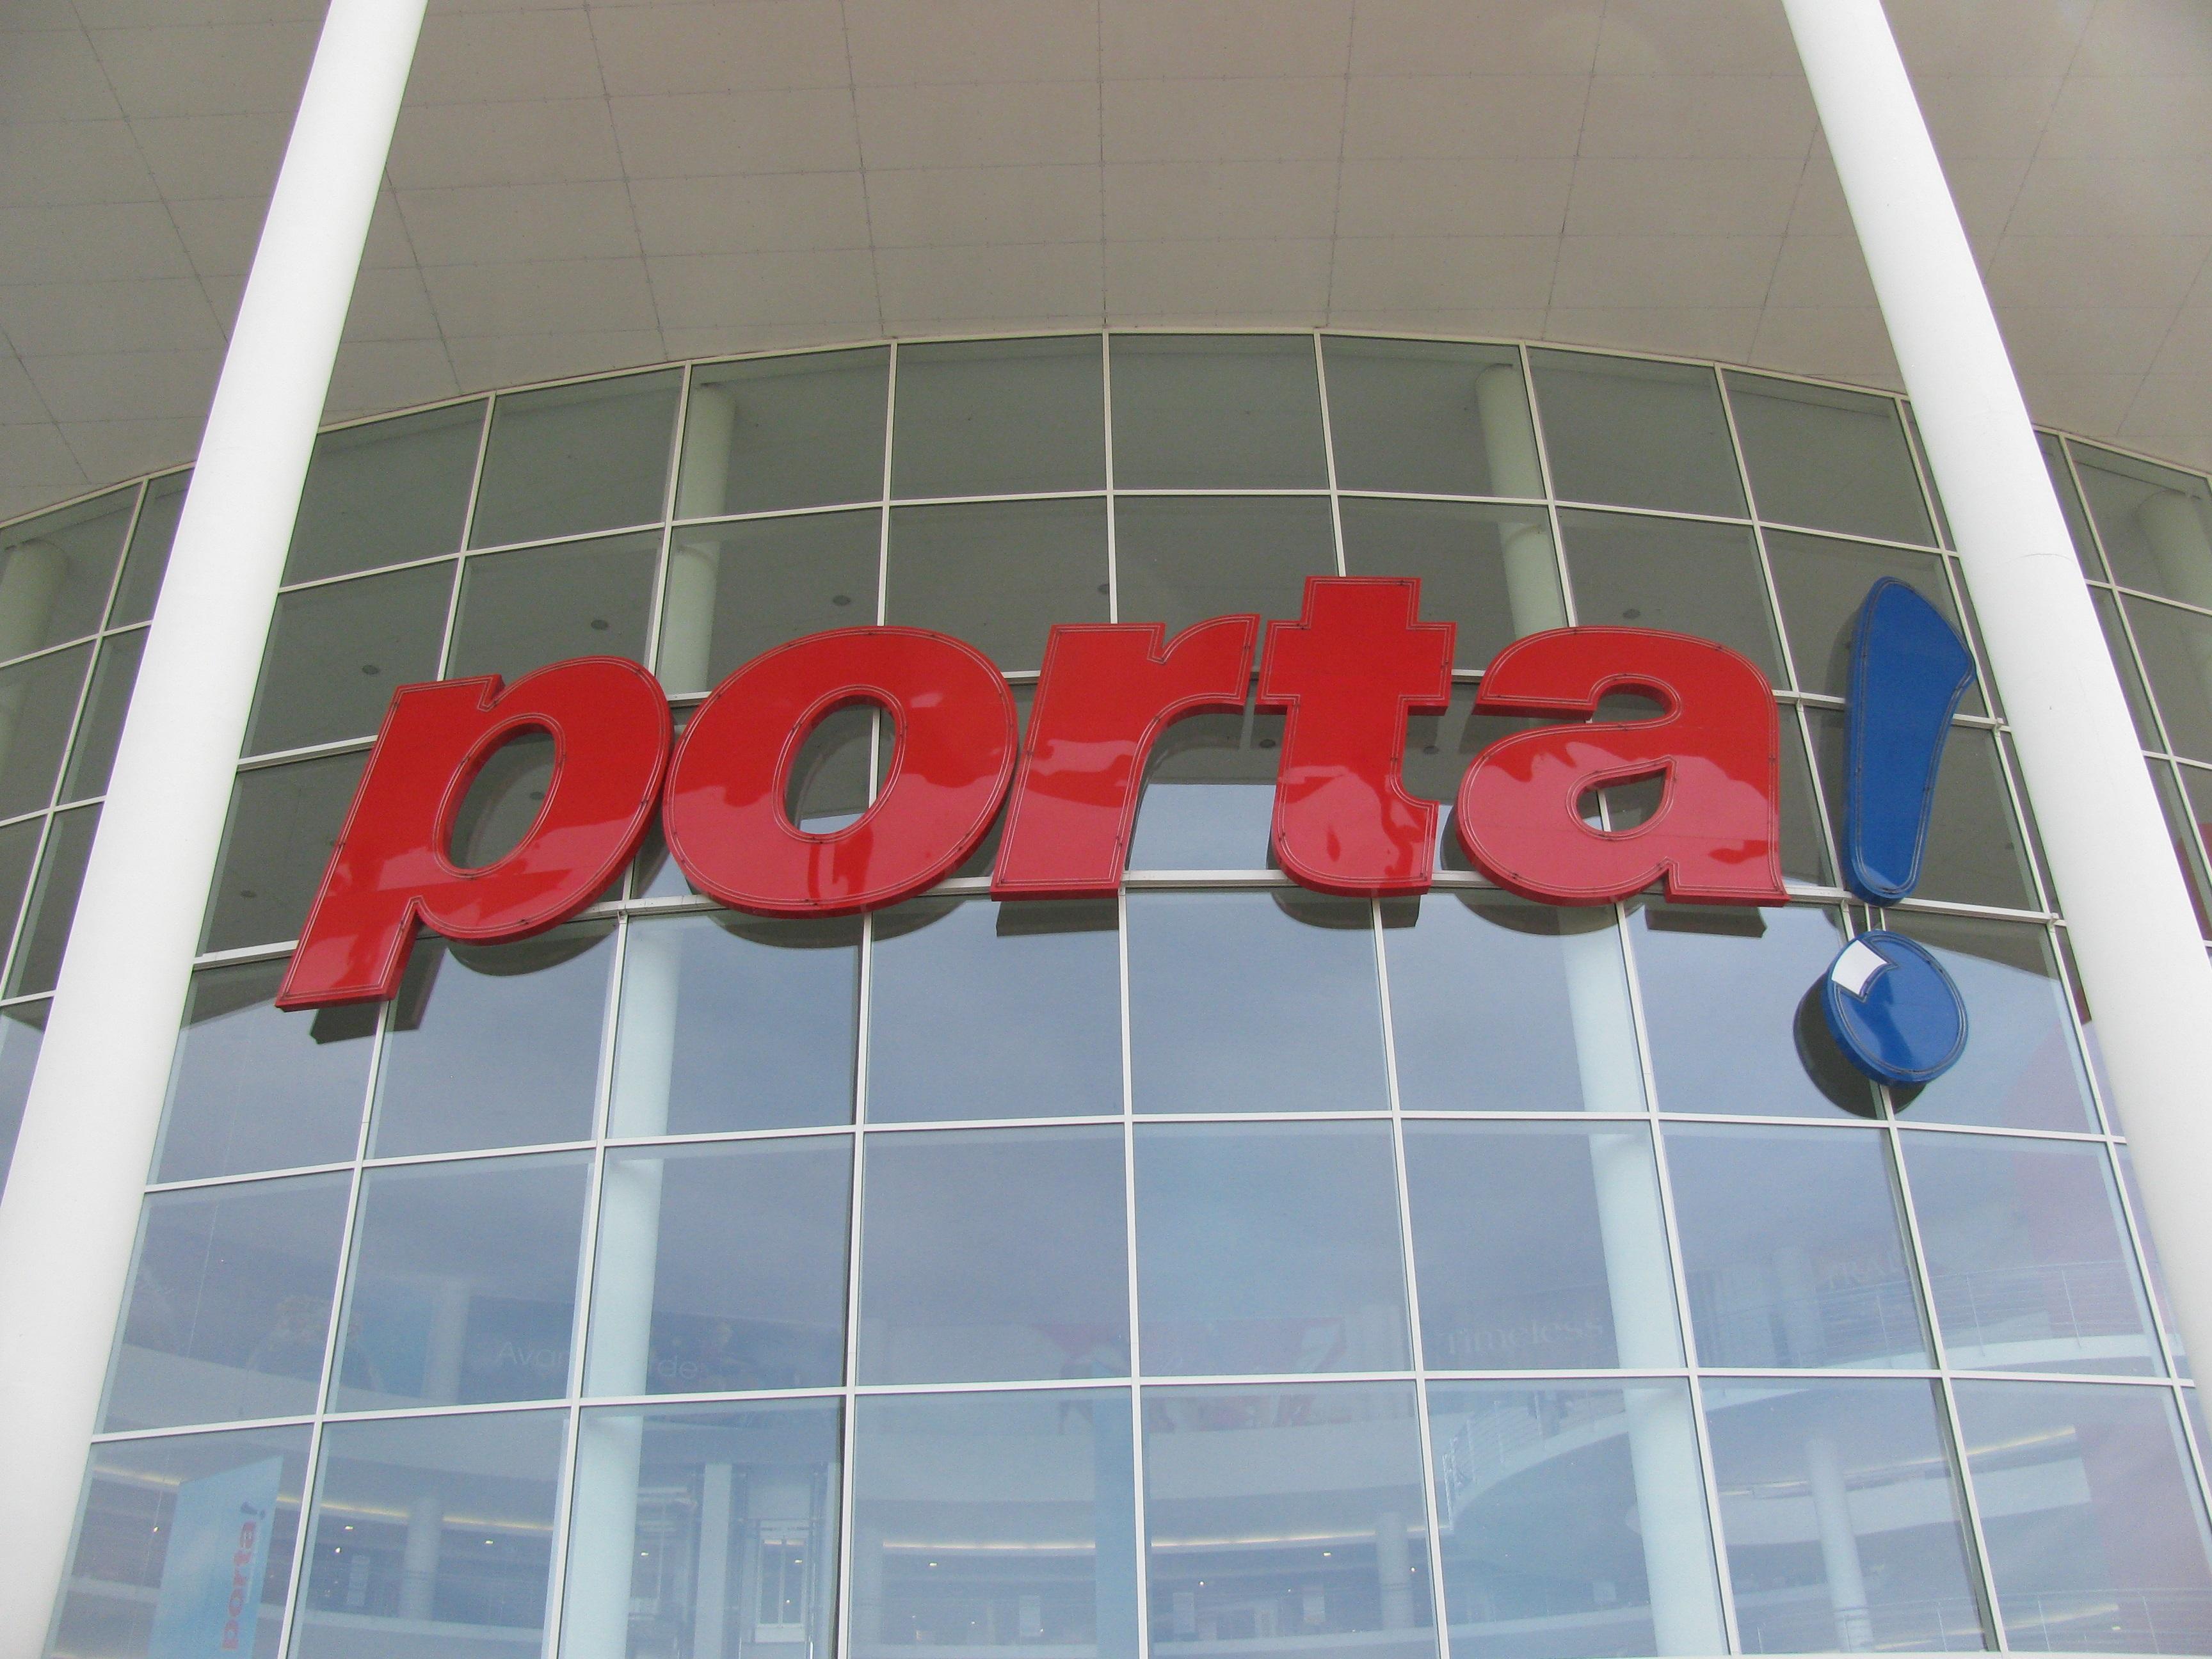 Porta Möbel 14480 Potsdam Kirchsteigfeld öffnungszeiten Adresse